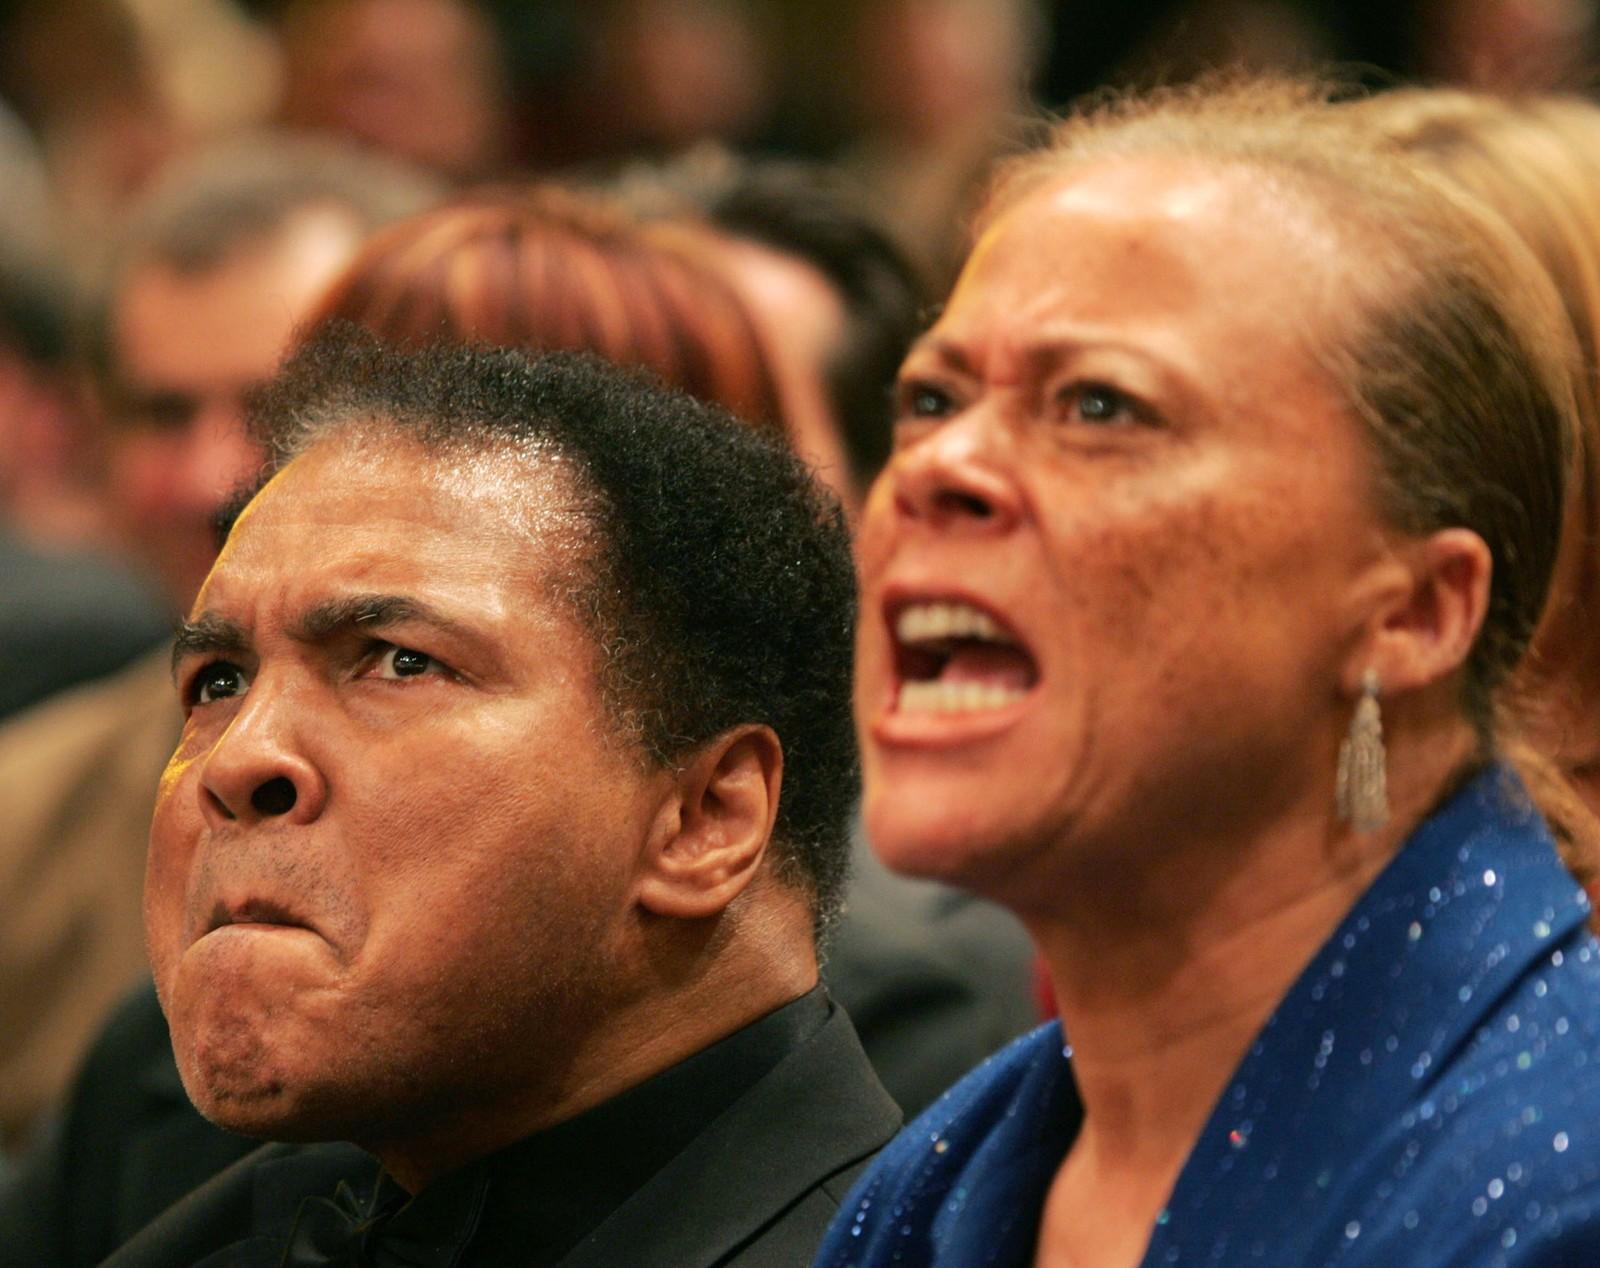 Muhammad Ali og hans kone Lonnie følger med på dattereen Laila Alis boksekamp mot Åsa Sandell fra Sverige i Berlin 17. desember 2005. Laila Ali vant i den femte runden ved knockout.